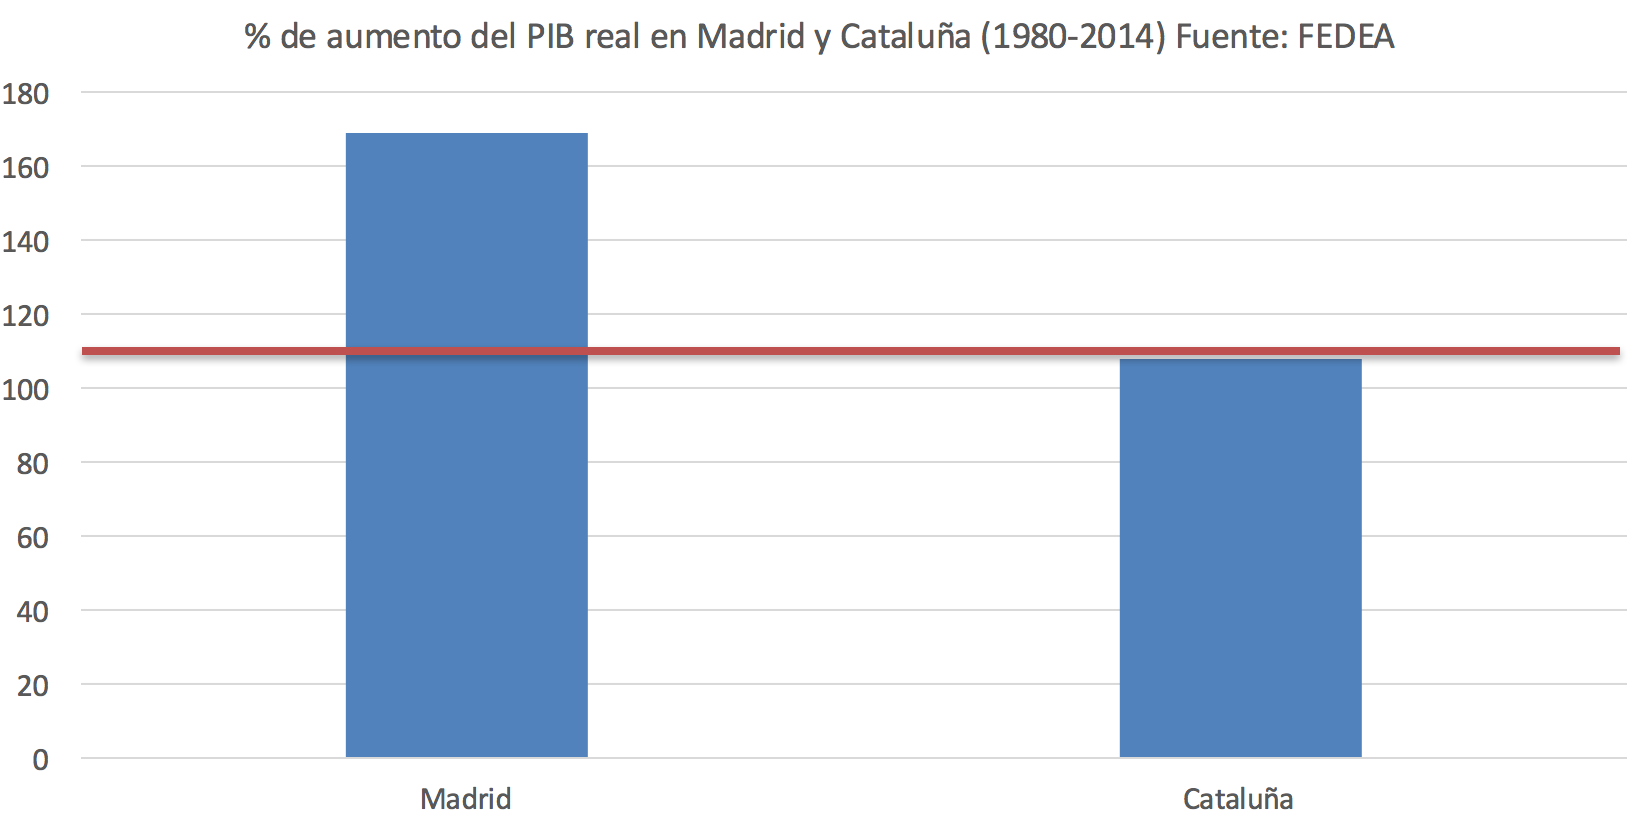 crecimiento-ccaa-madrid-cataluna.png